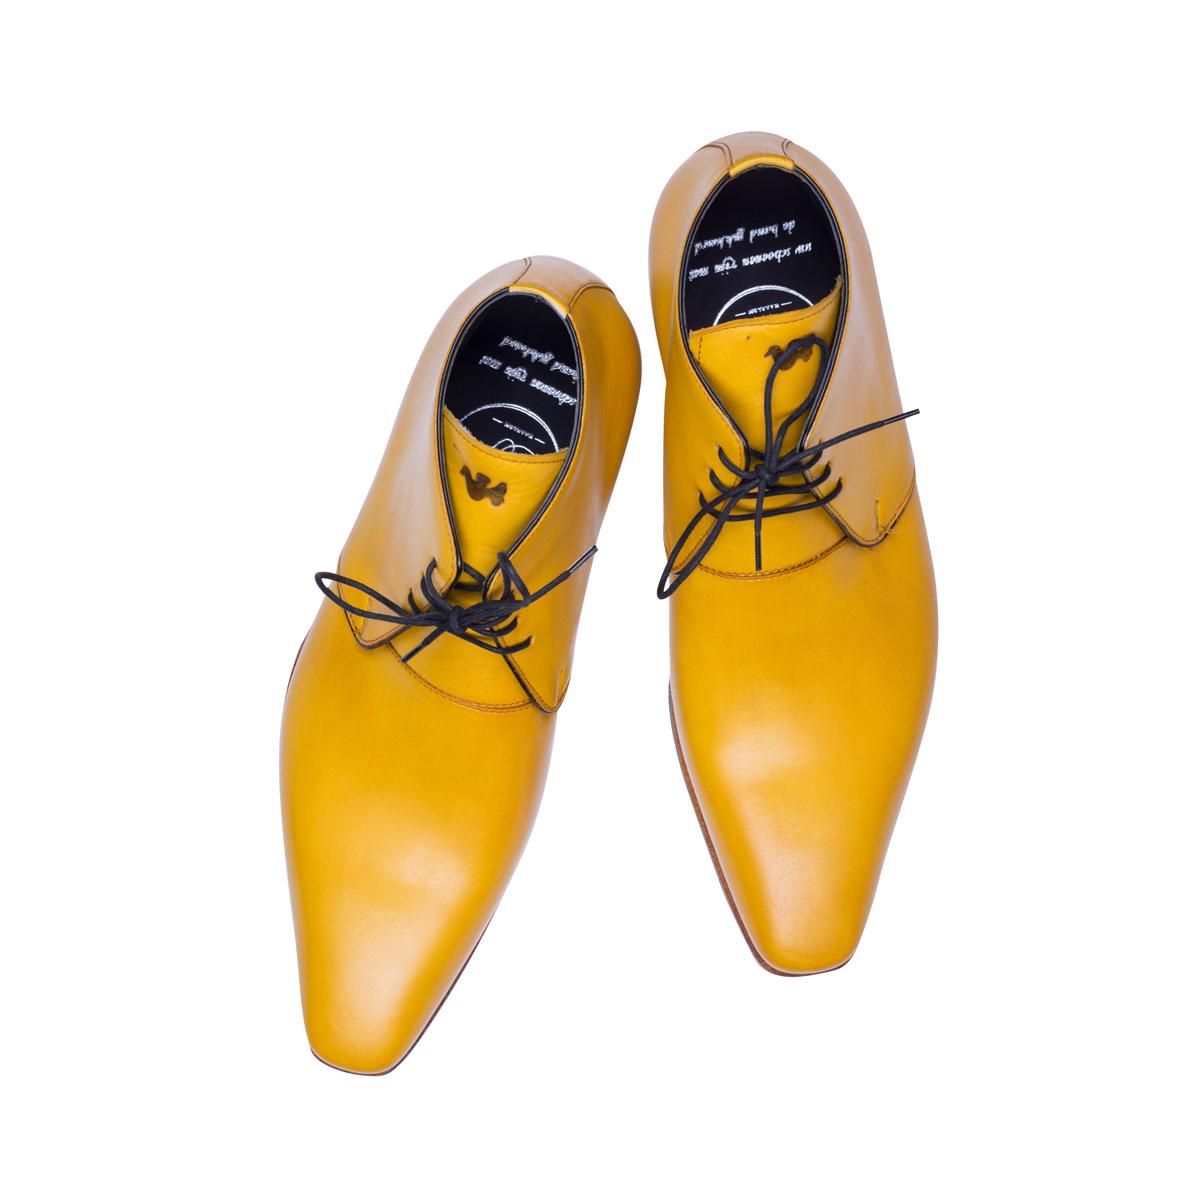 f8a29c05242 Duyf Shoes Haarlem | Duyf is vakmanschap | Handgemaakt Schoenen